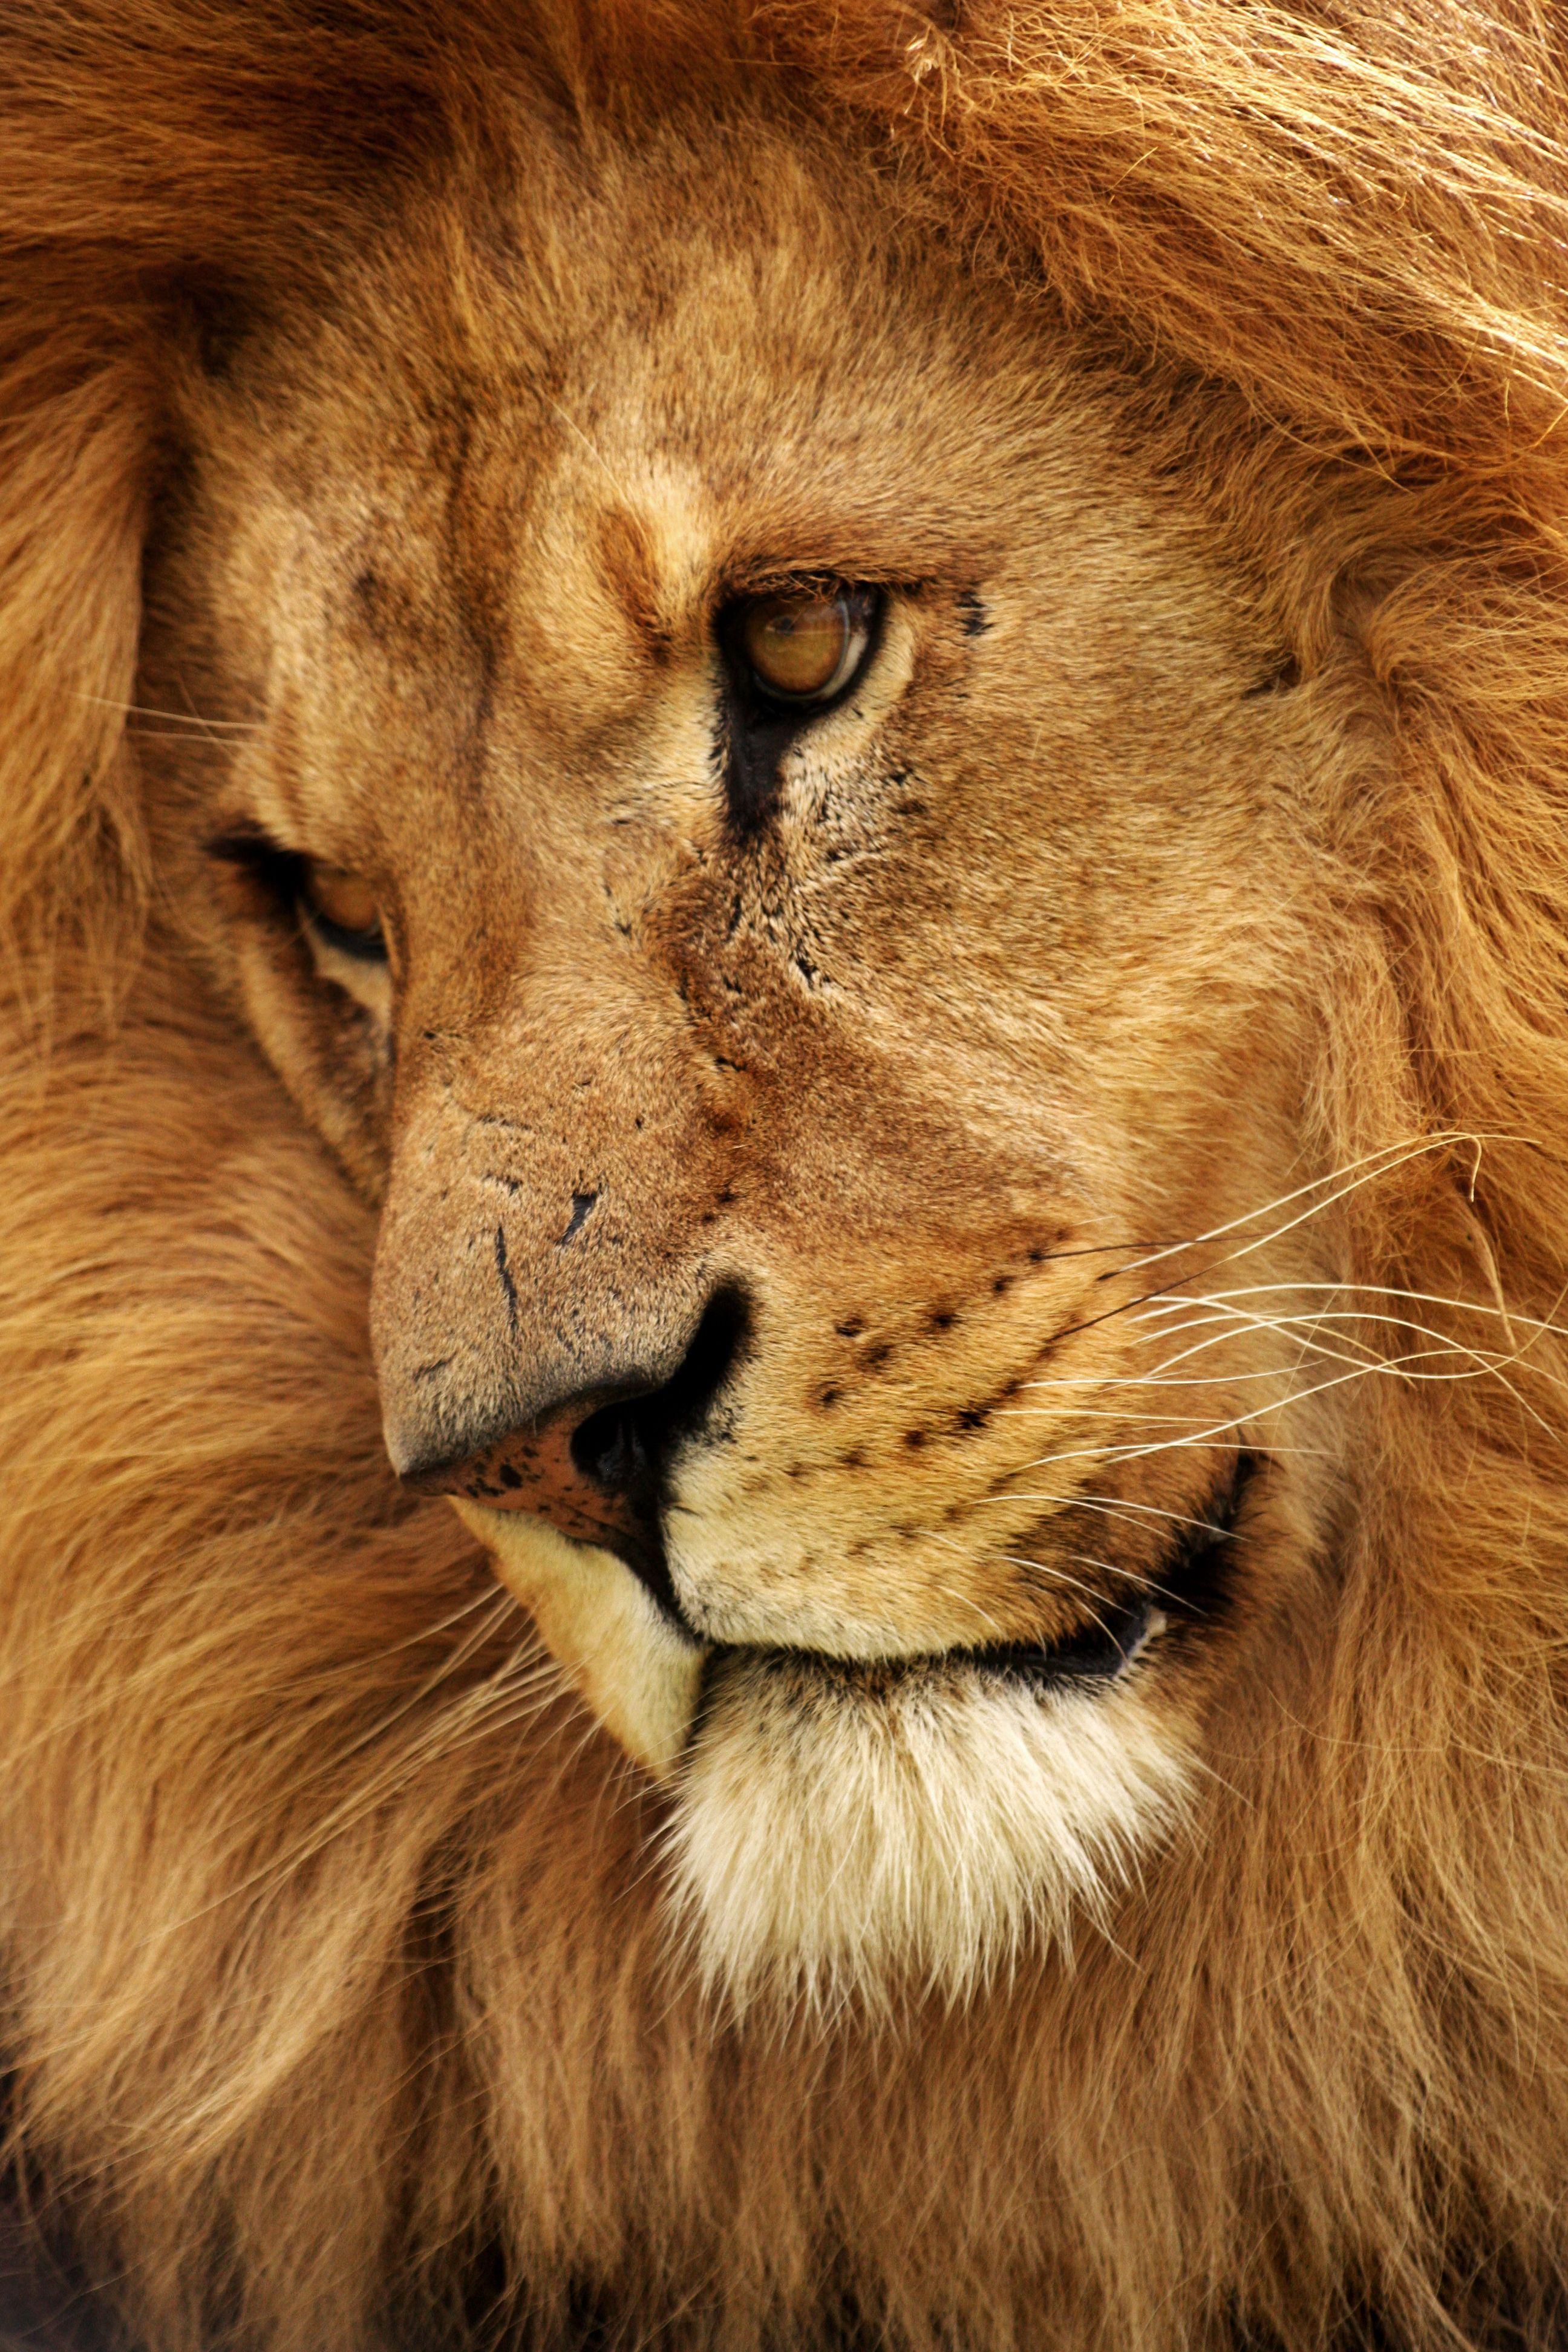 львица плачет картинки выглядит один